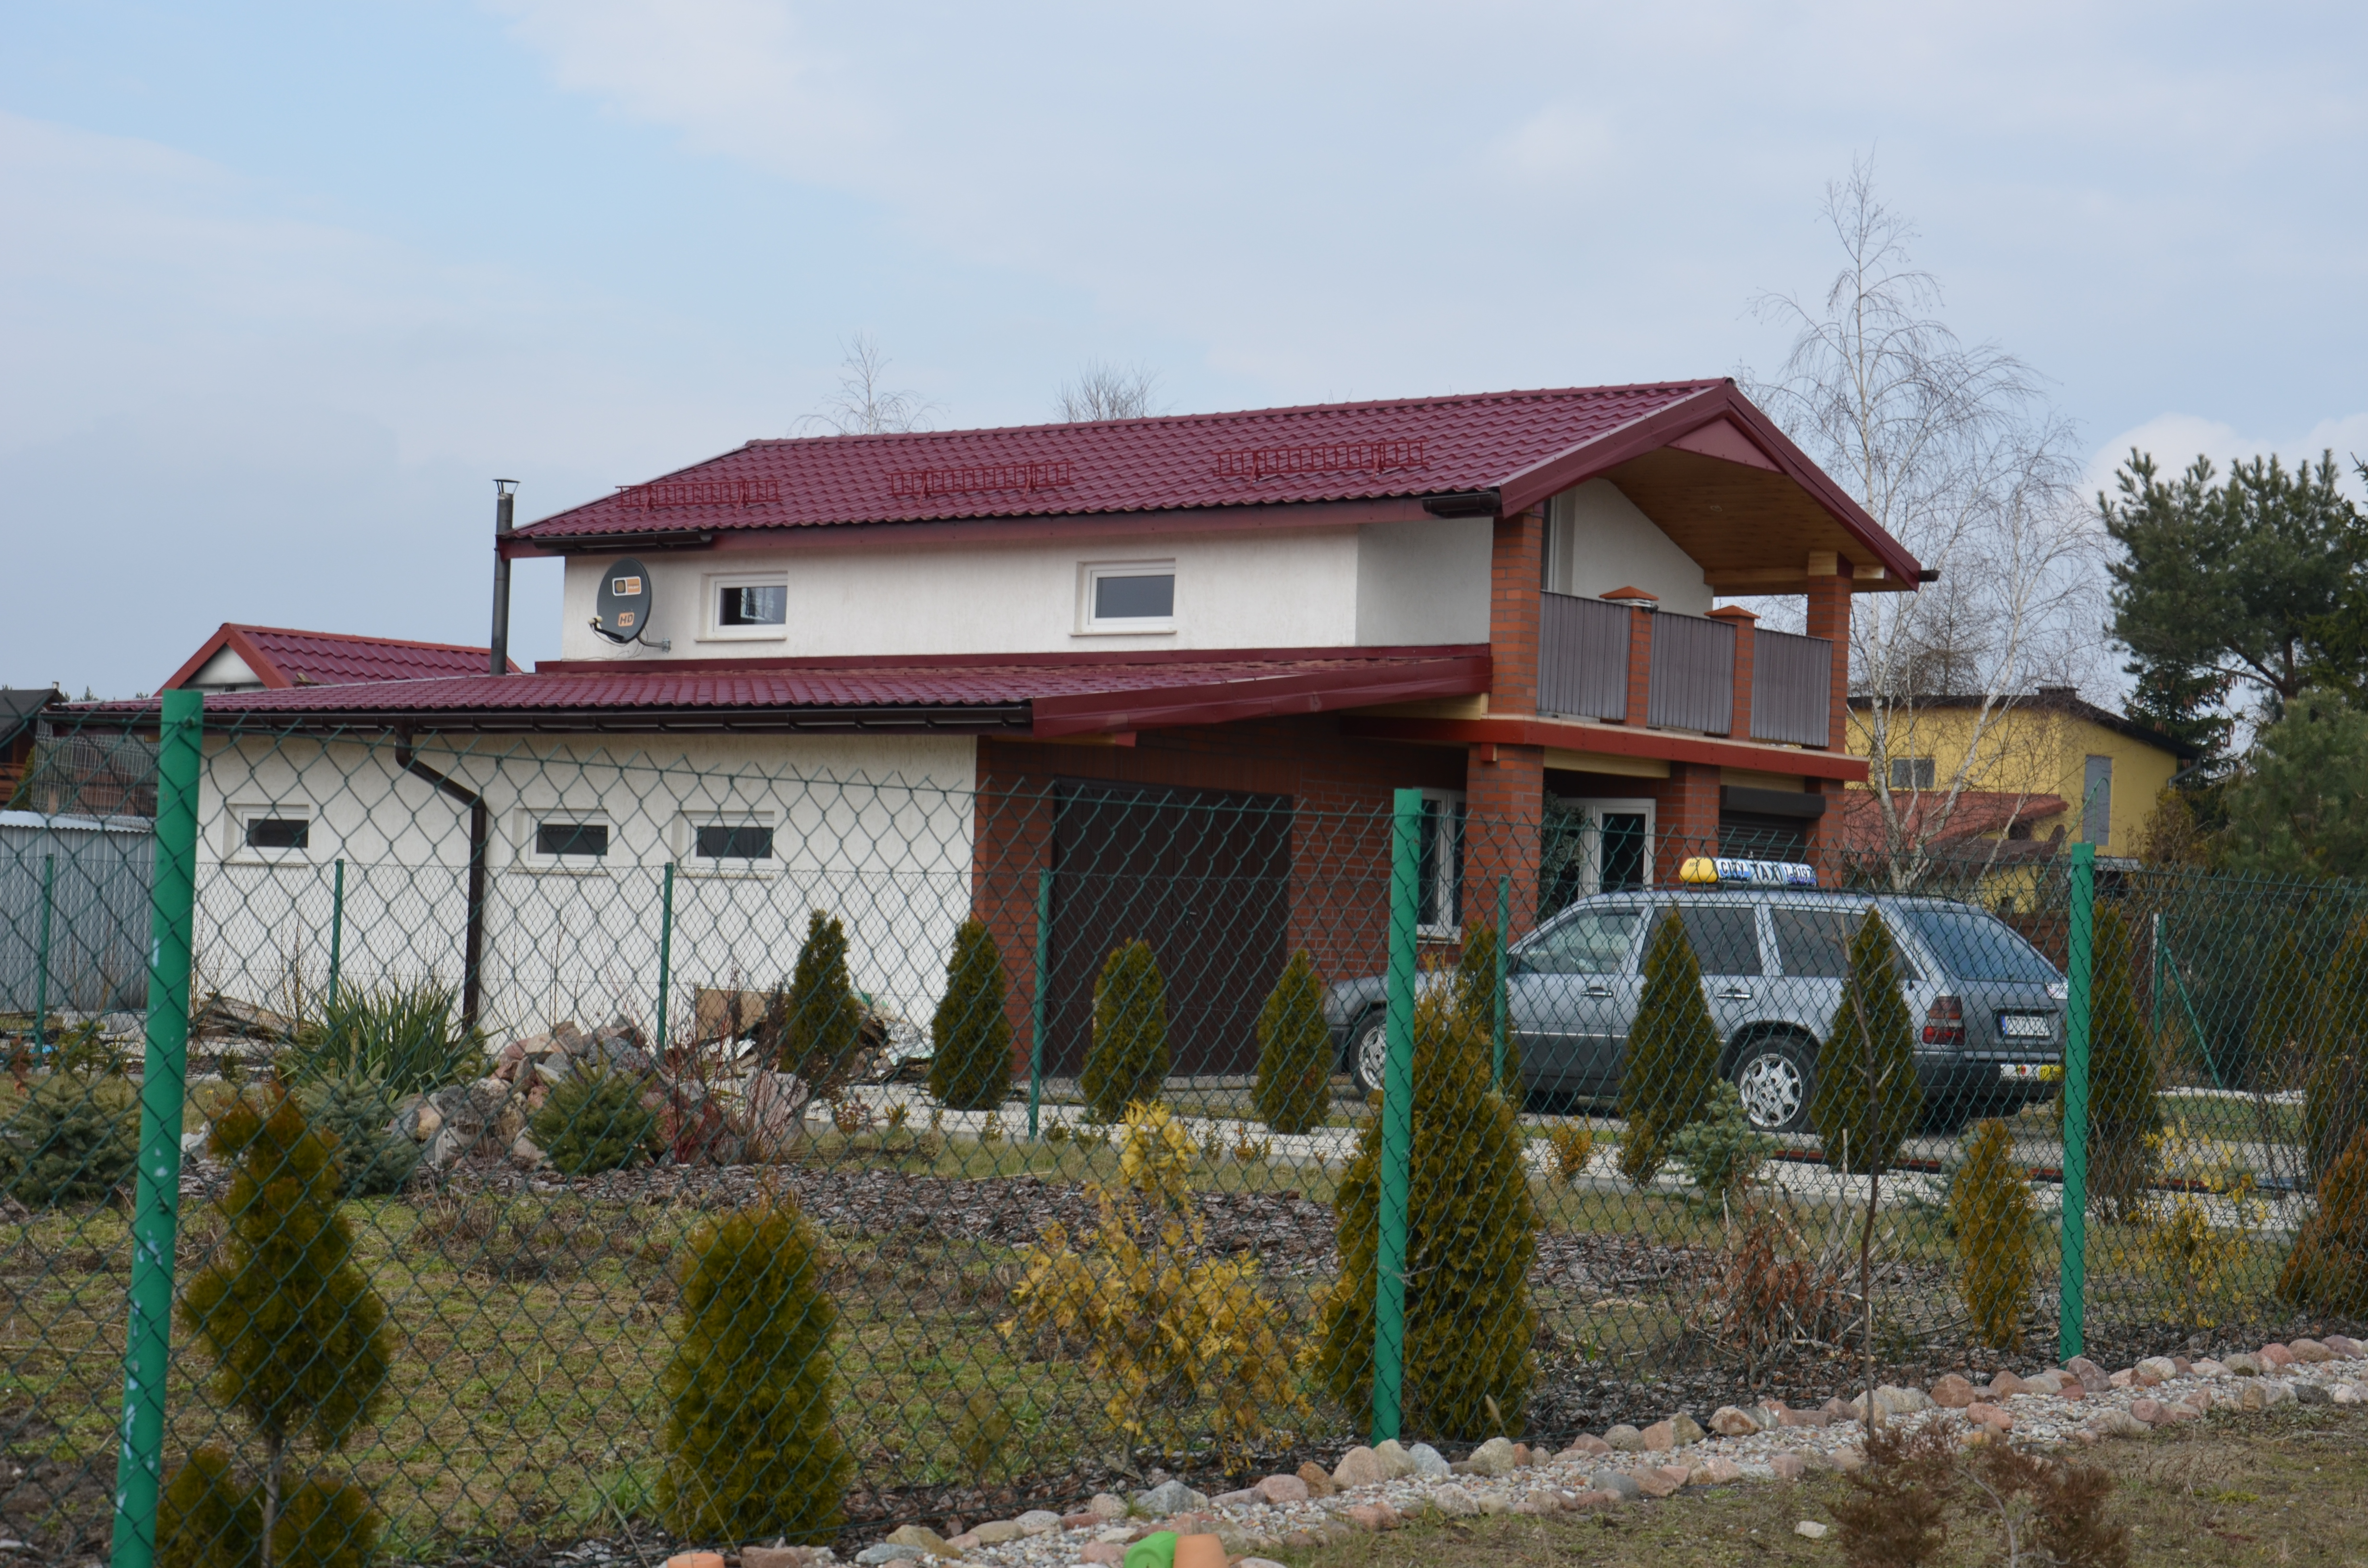 Ukryty W Chaszczach Problem Zamieszkiwania W Rod